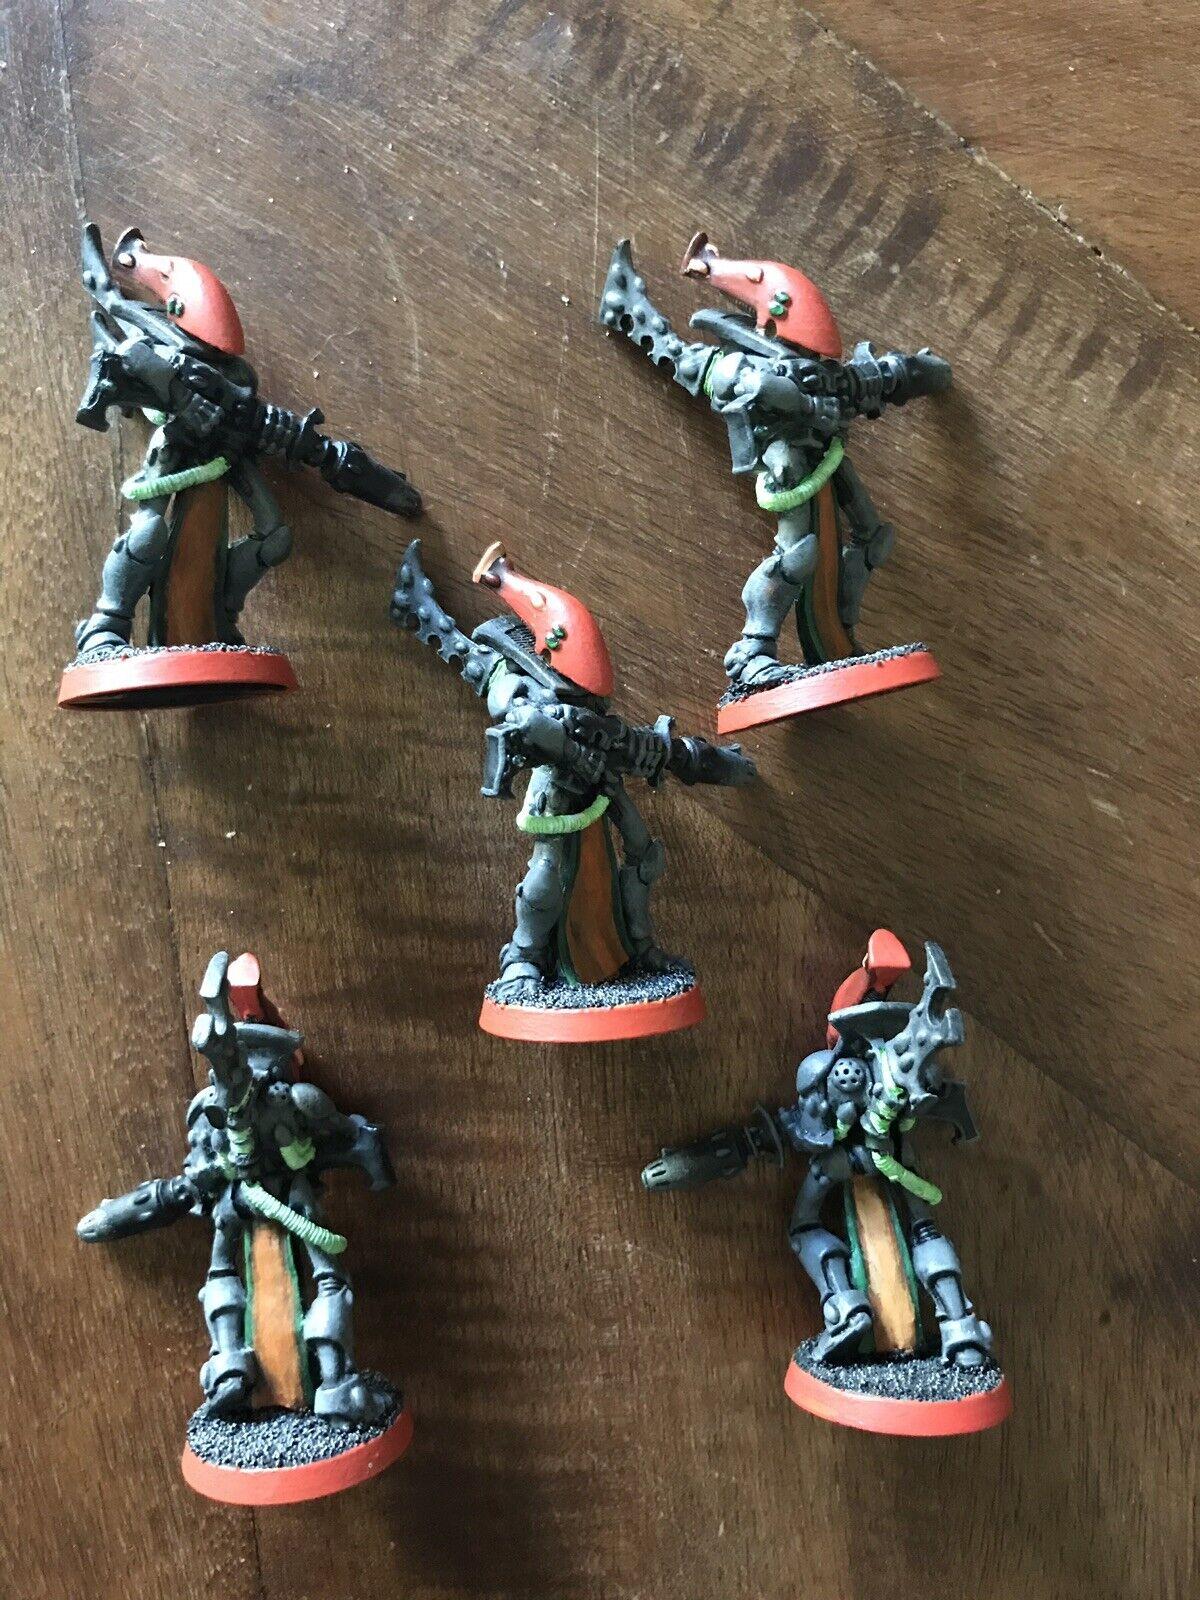 Warhammer 40K Eldar Aeldari Army OOP Metal Wraithguard 5 Games Workshop Models